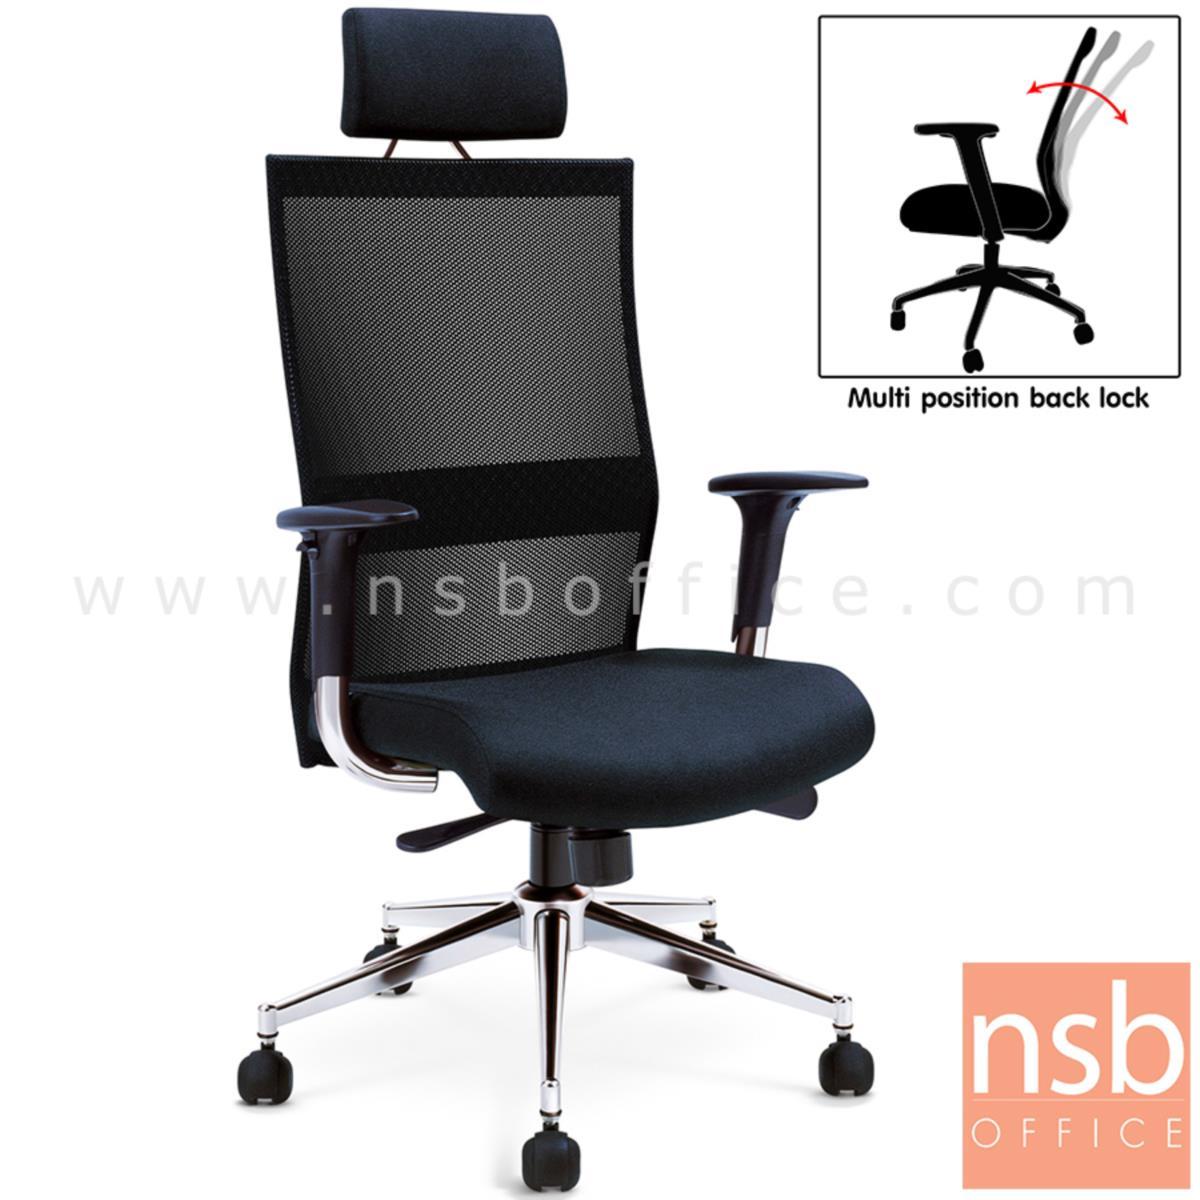 B28A001:เก้าอี้ผู้บริหารหลังเน็ต รุ่น Infiniti (อินฟินิที)  โช๊คแก๊ส มีก้อนโยก ขาเหล็กชุบโครเมี่ยม